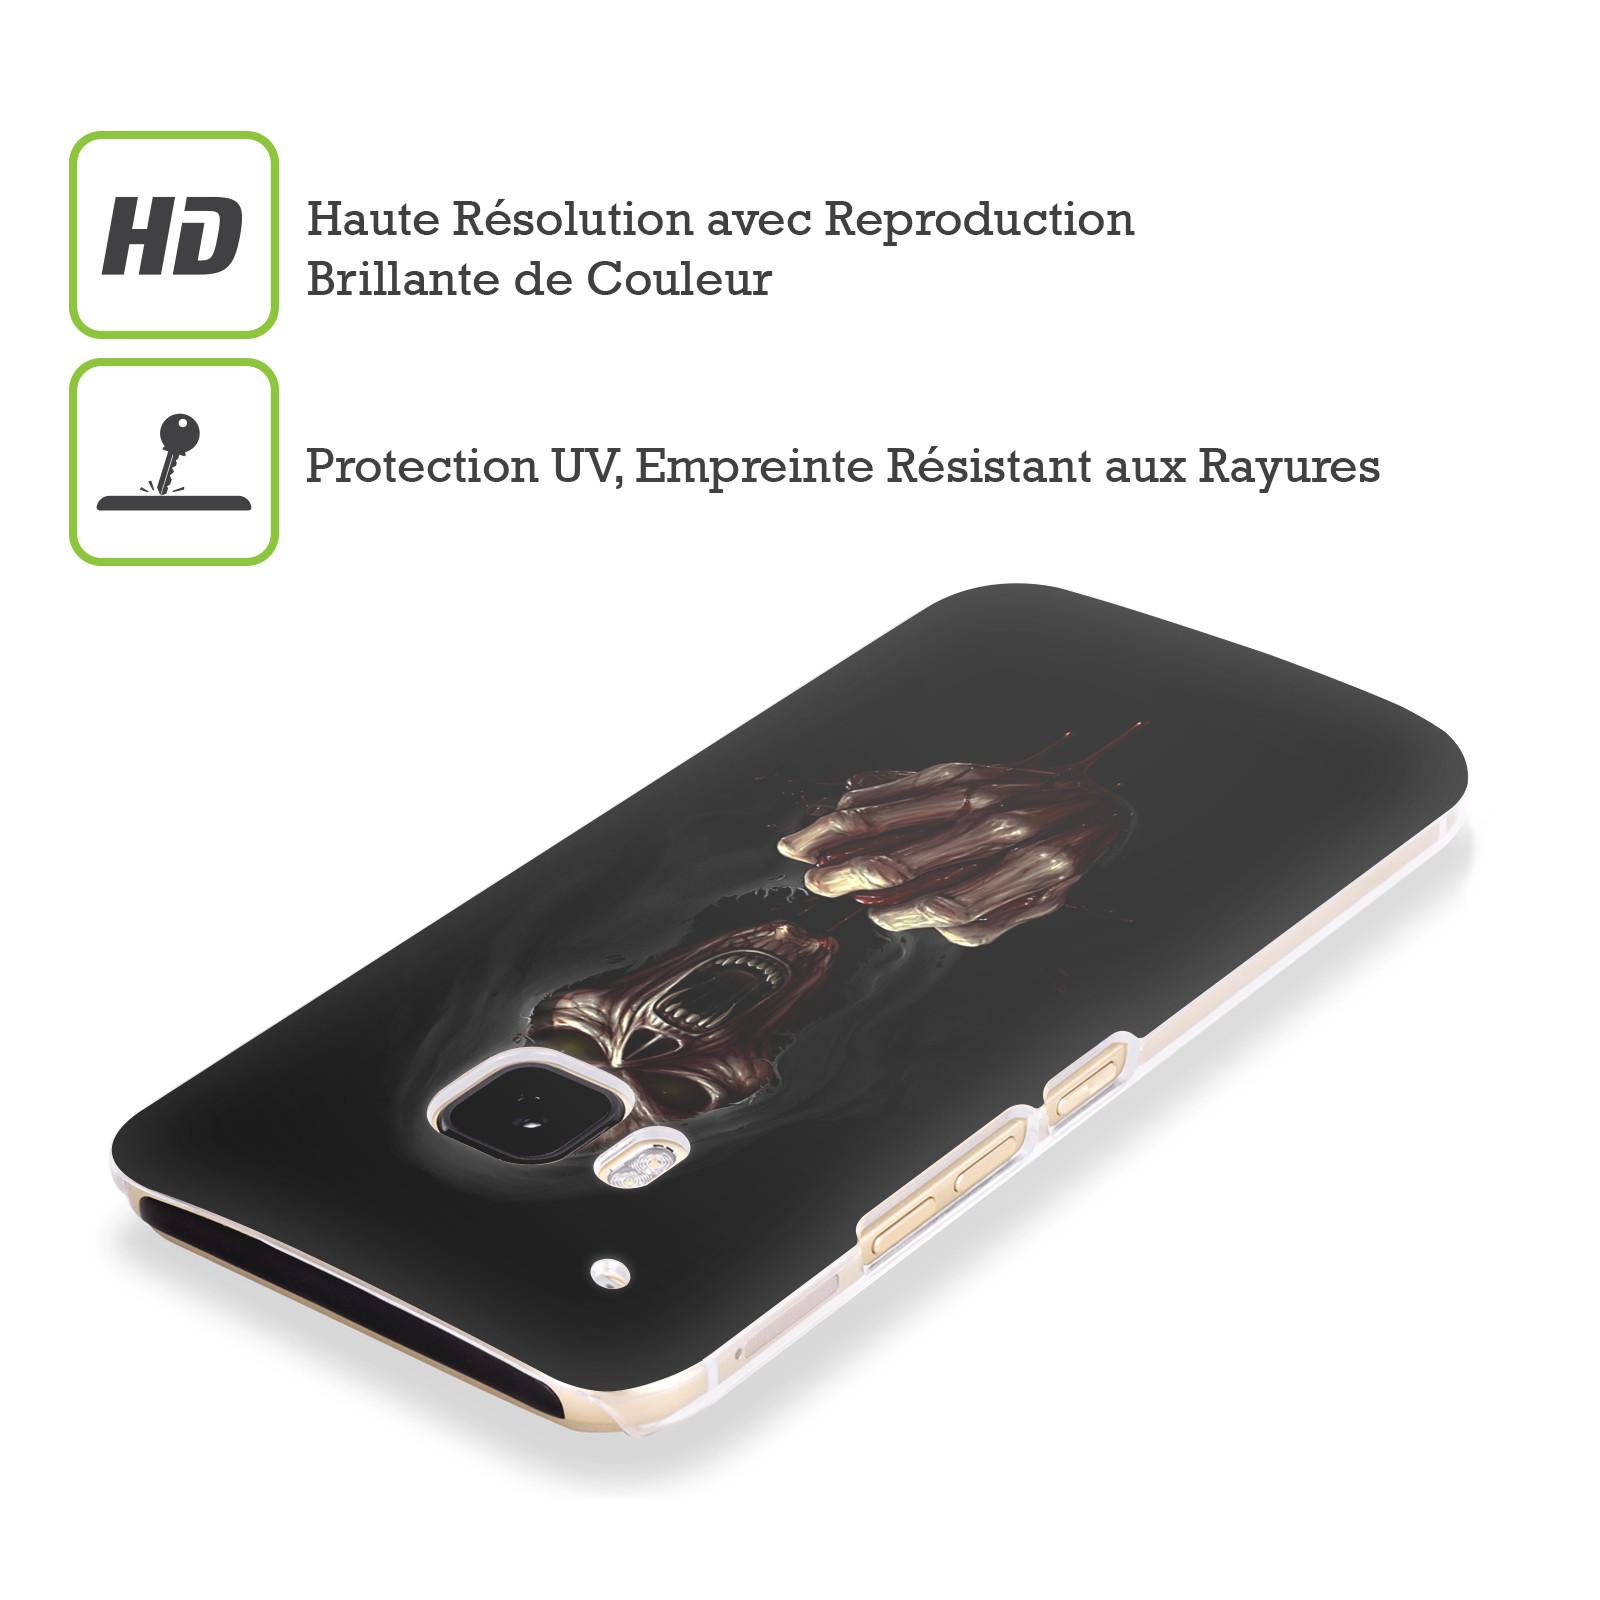 OFFICIEL-CHRISTOS-KARAPANOS-HORREUR-ETUI-COQUE-D-039-ARRIERE-POUR-HTC-TELEPHONES-2